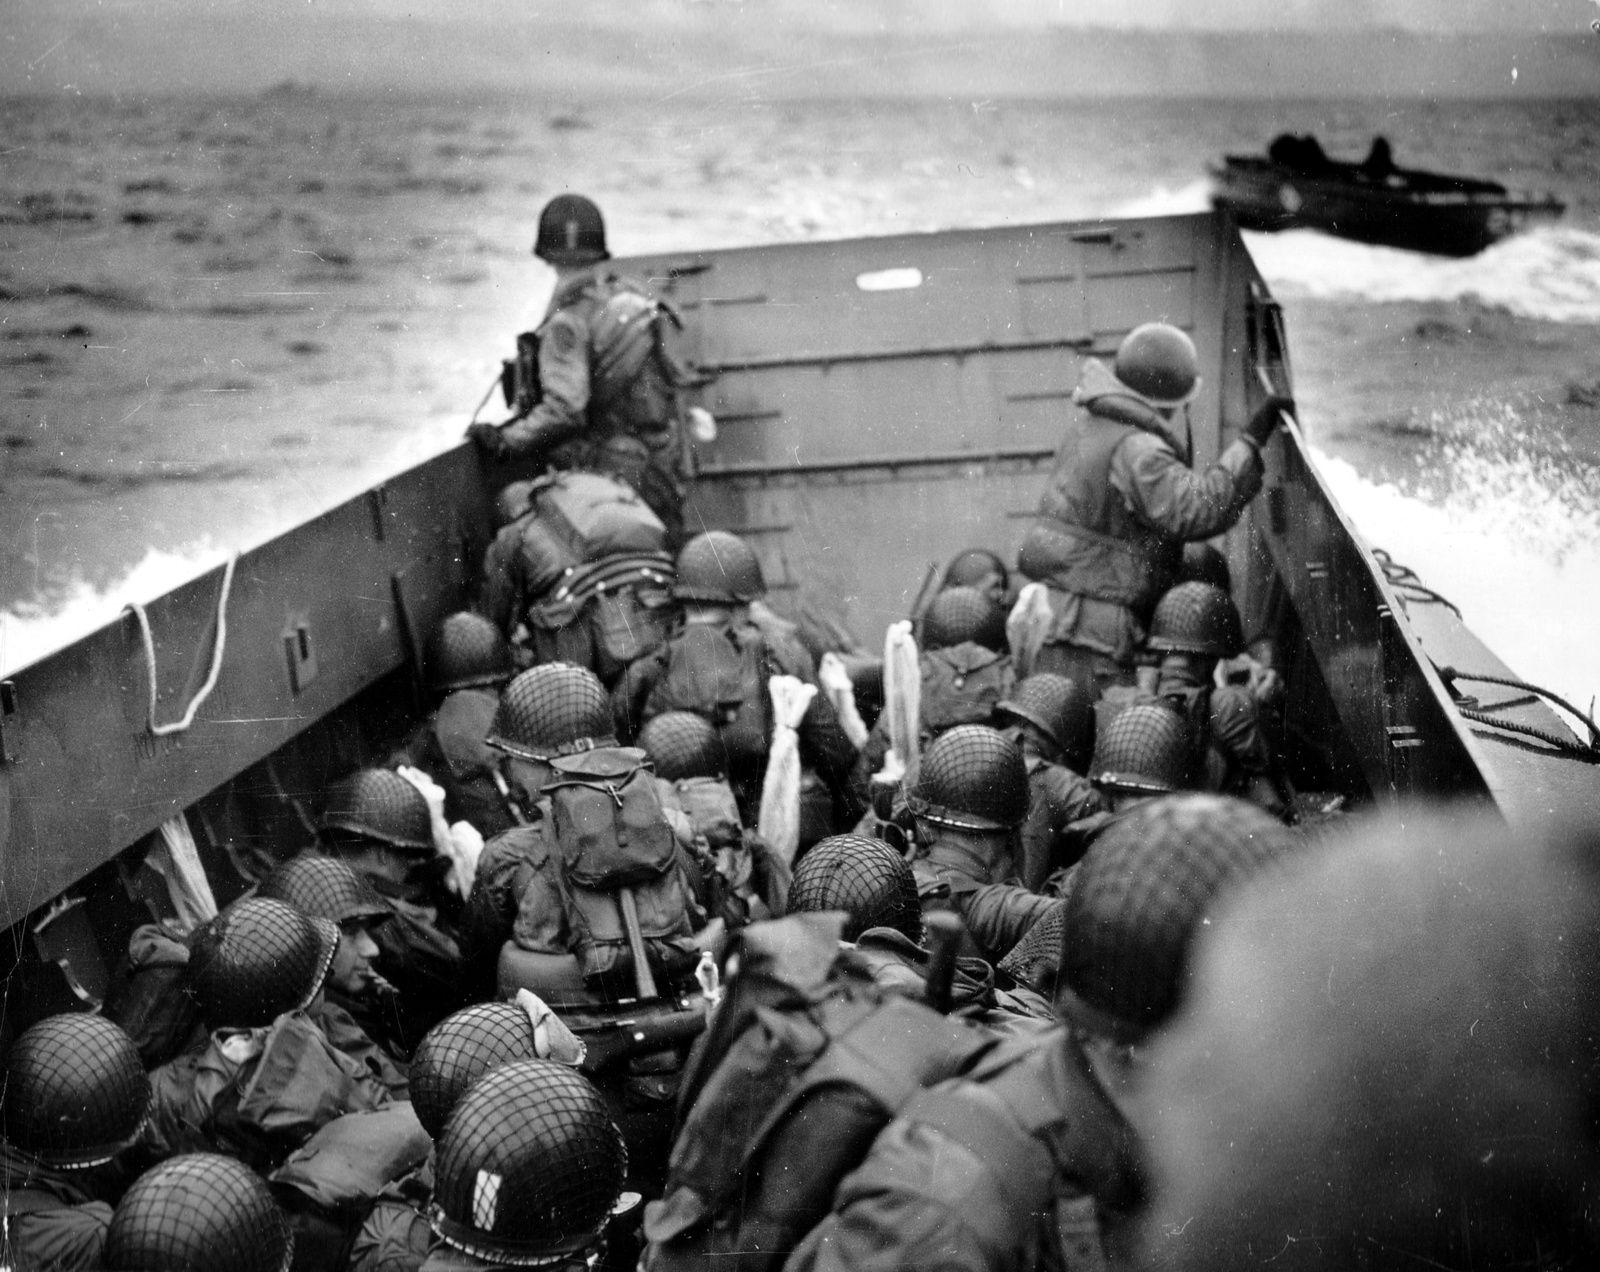 Débarquement de Normandie, 6 juin 1944. Photographie prise par Robert Capa.